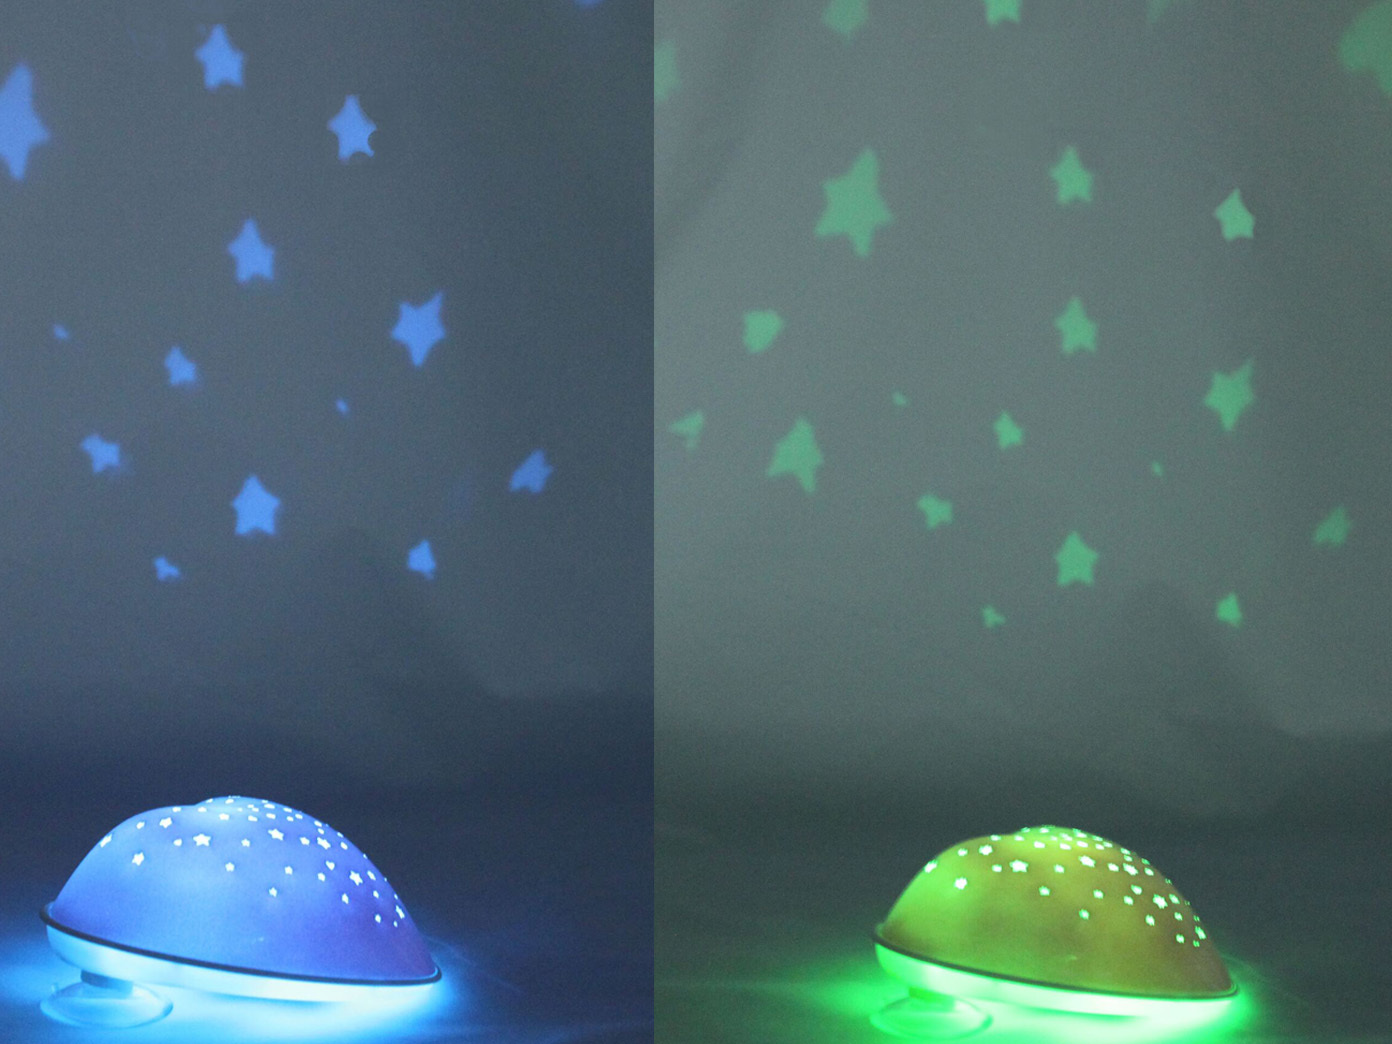 2er Set Nachtlicht Kinderzimmer rosa SOLAR HEART projiziert Herzen & Sterne  NEU